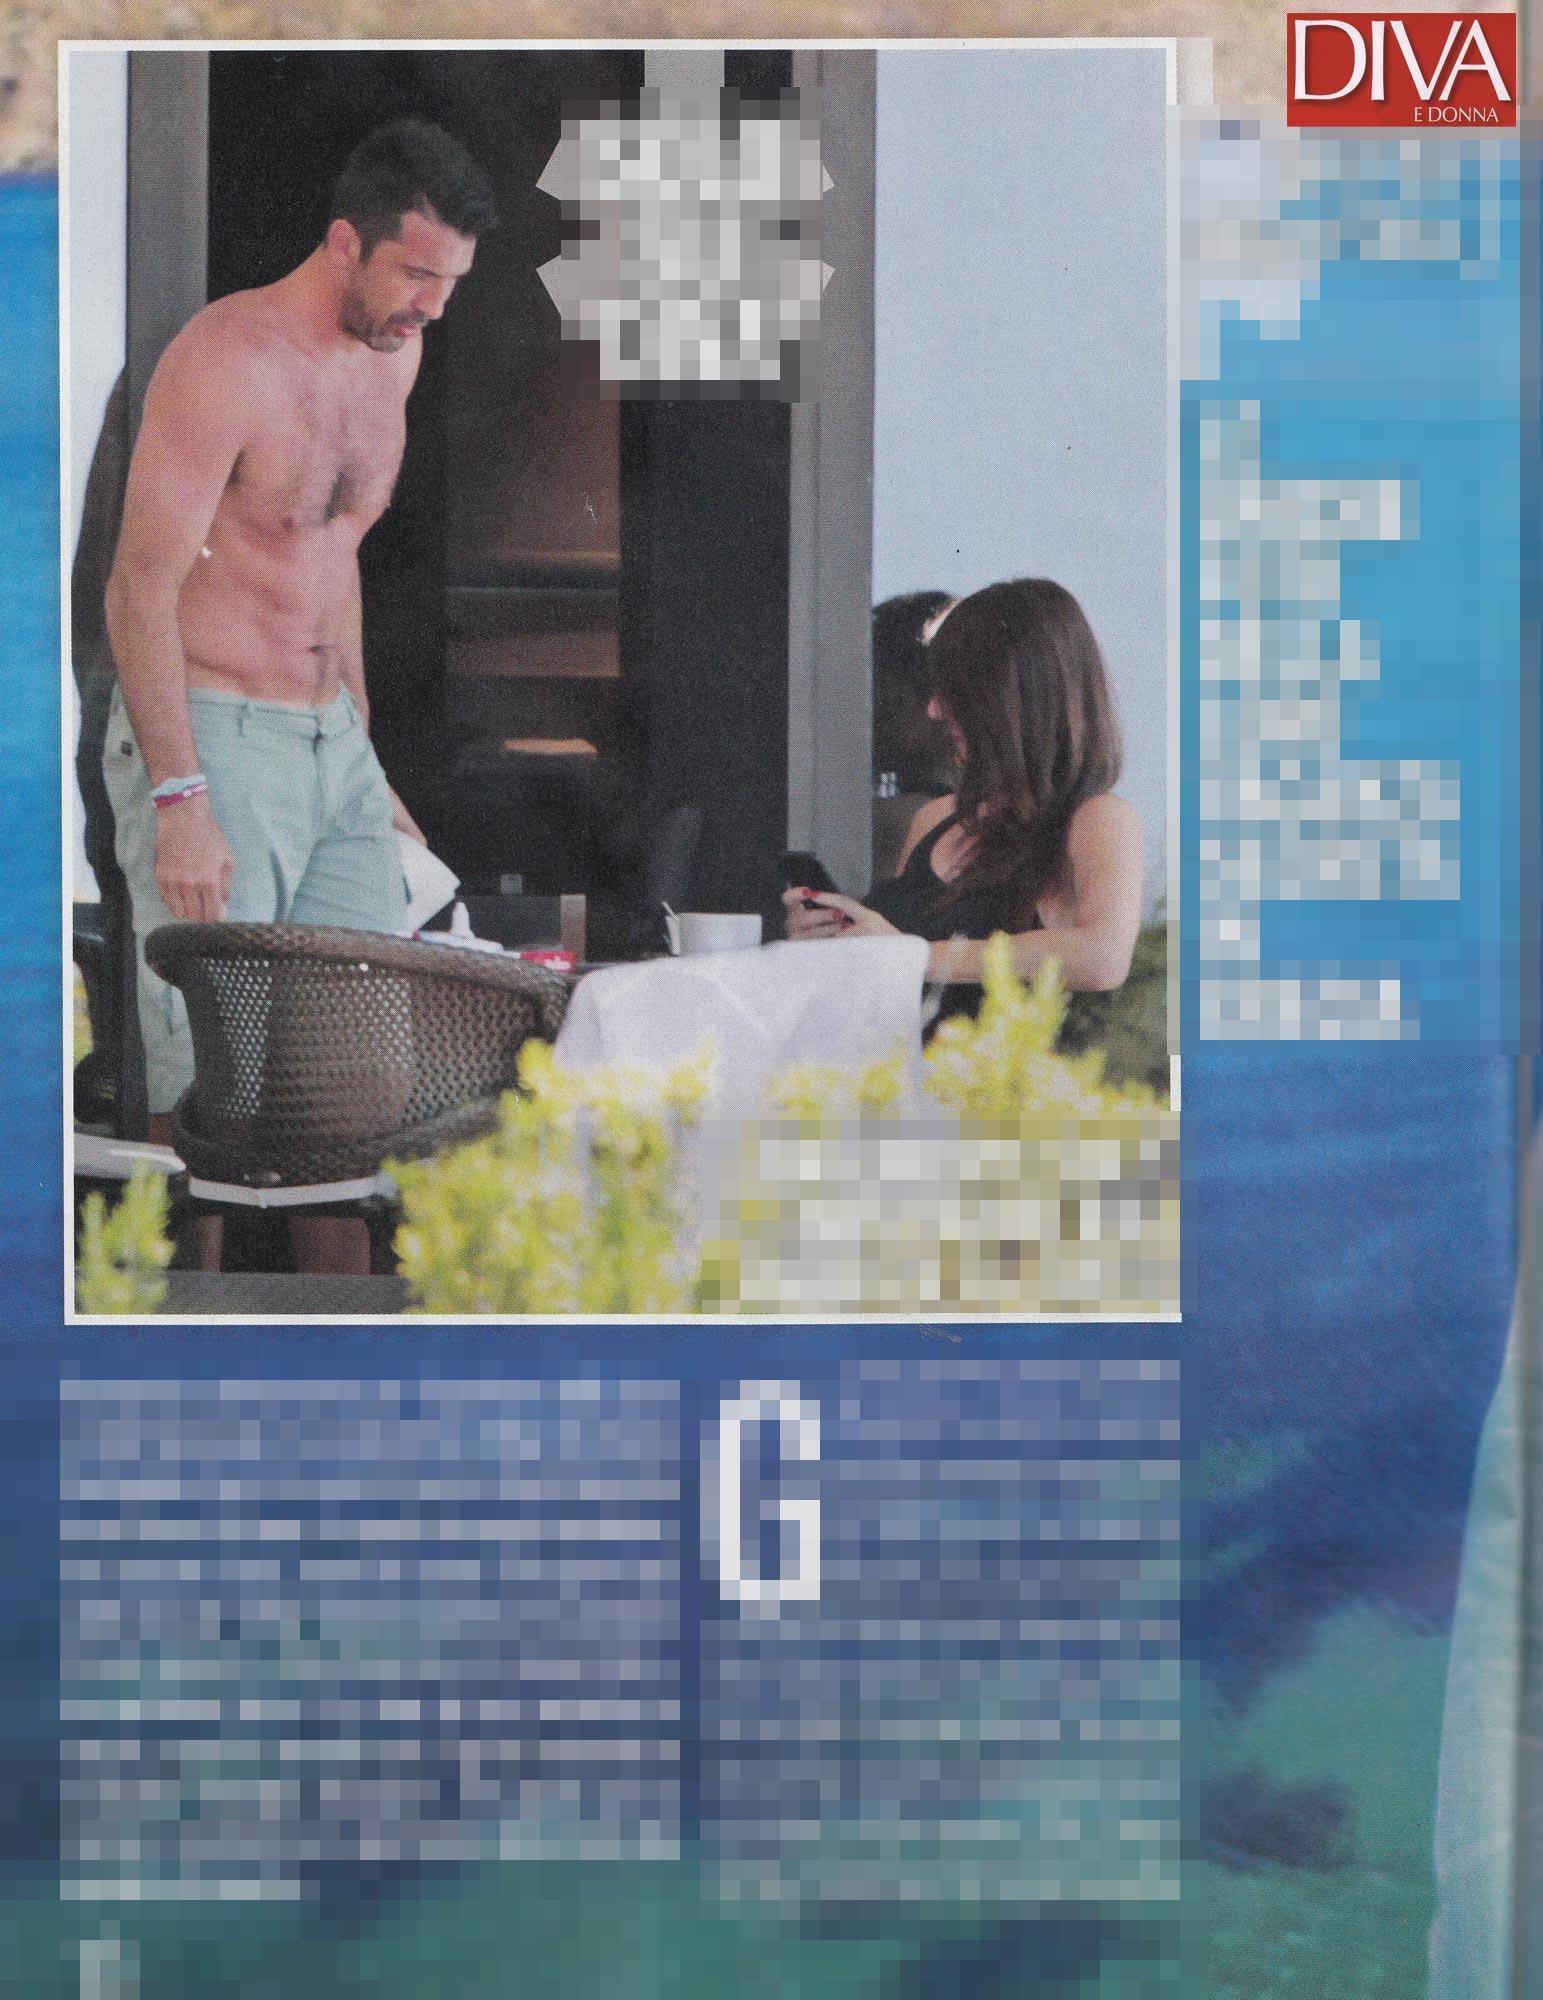 Gigi buffon la grande famiglia tra le braccia di ilaria d - Diva e donne giornale ...